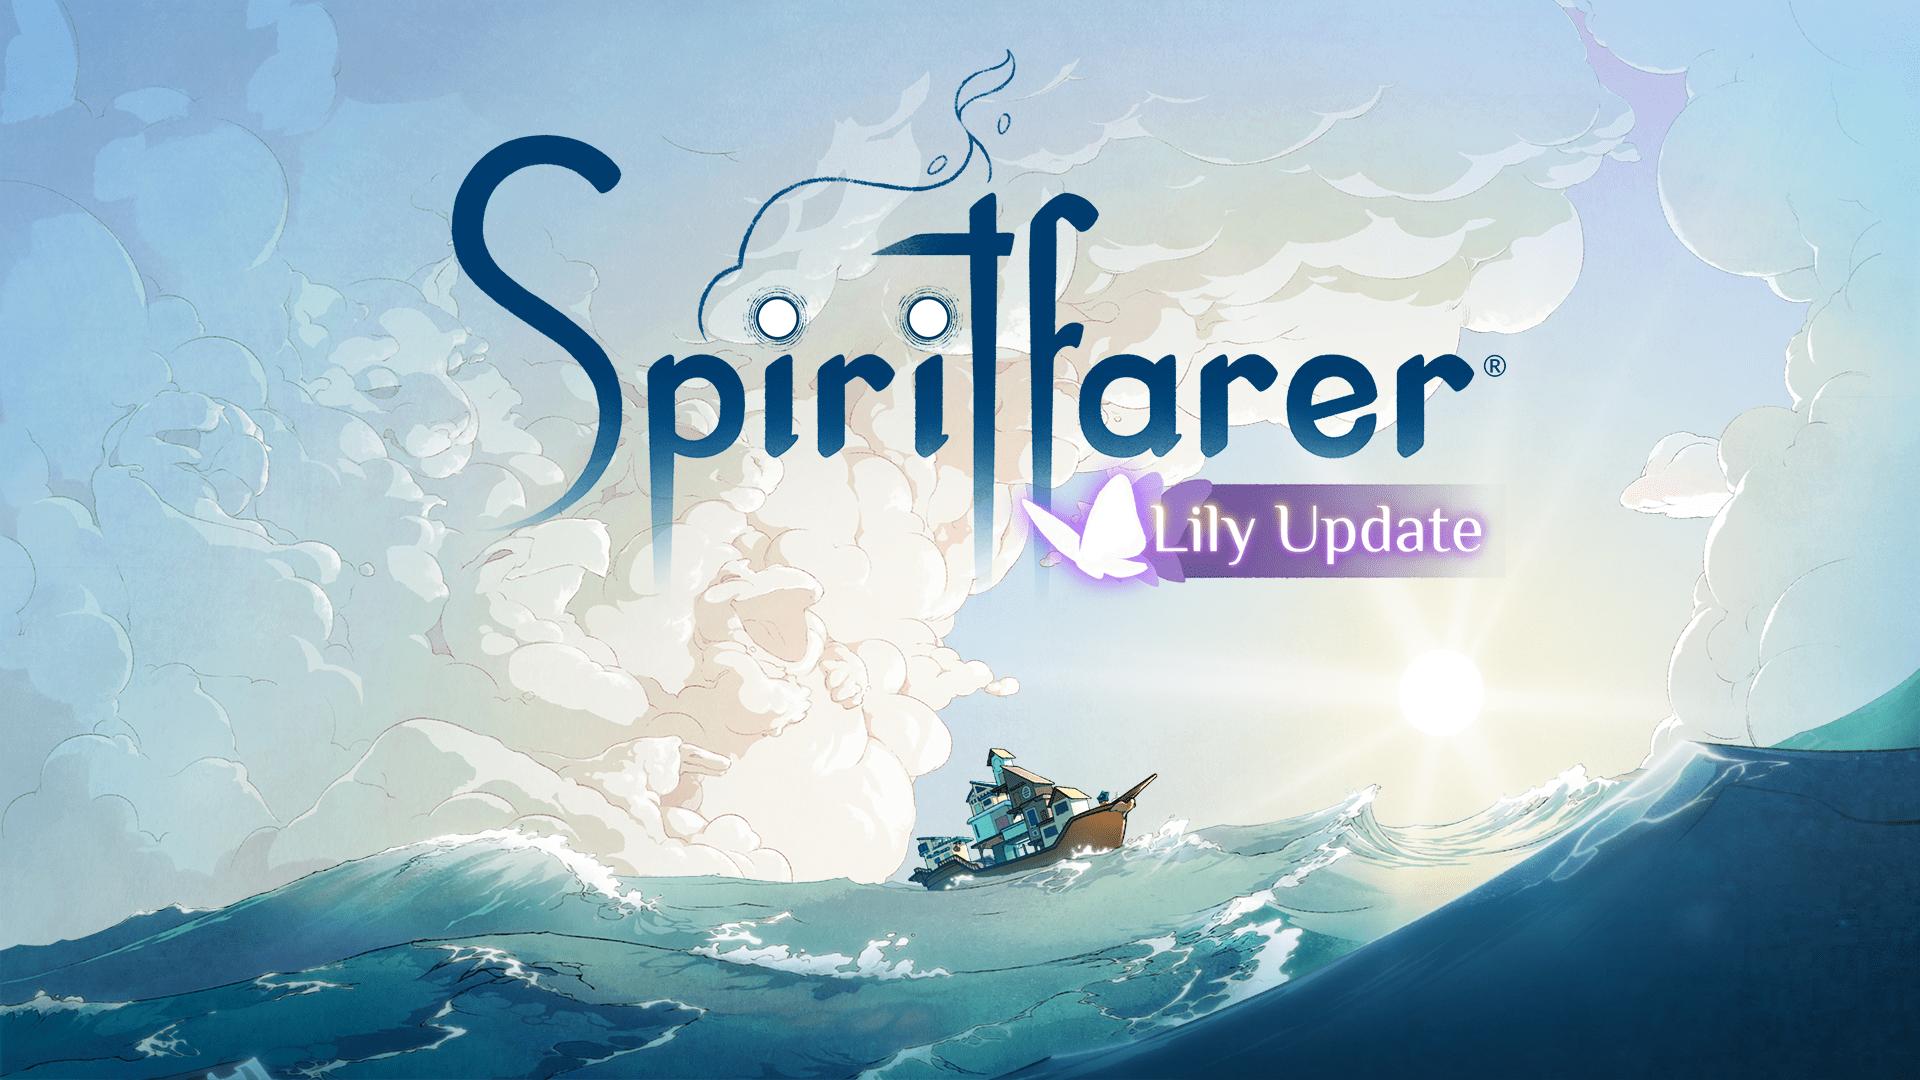 Spiritfarer преодолела отметку в 500 тысяч проданных копий и получила новое обновление 2